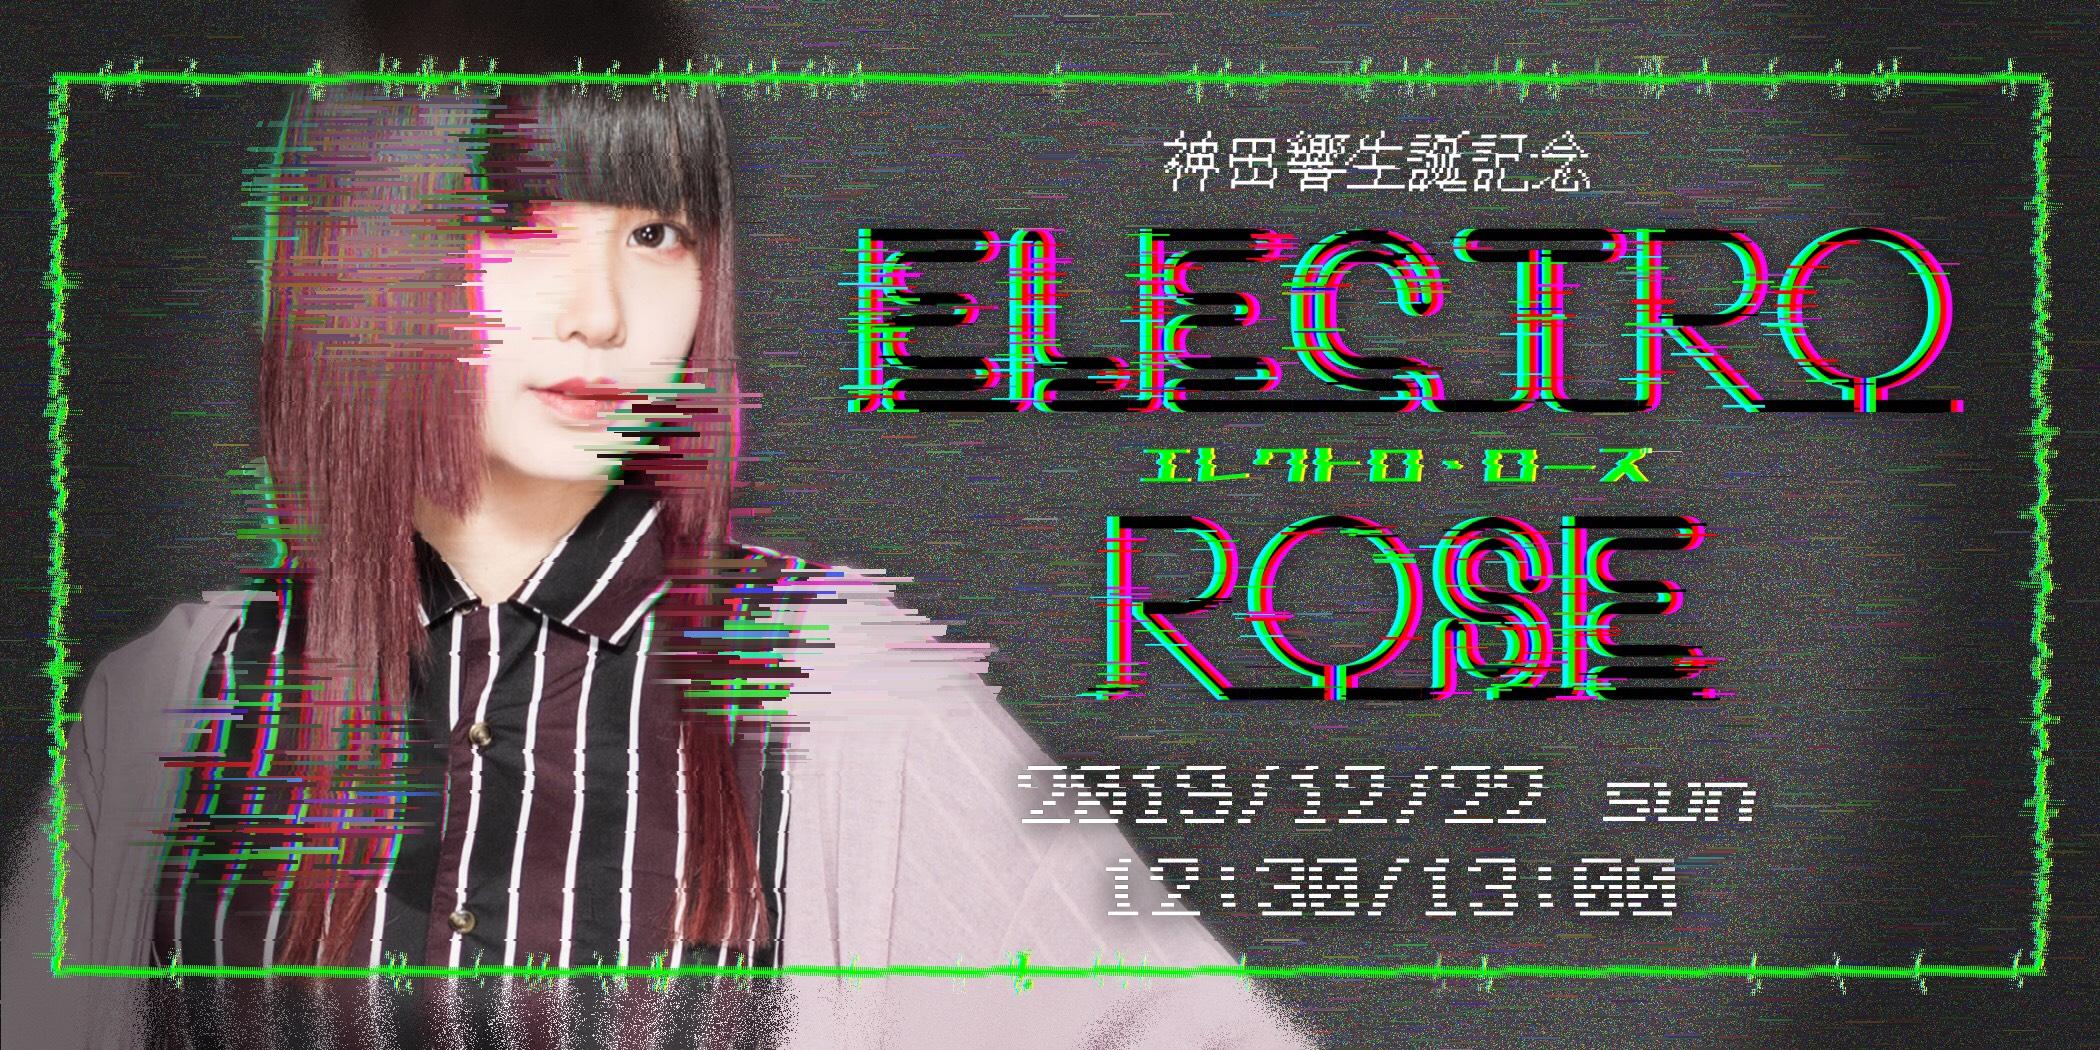 神田響生誕記念「ELECTRO ROSE -エレクトロ・ローズ-」